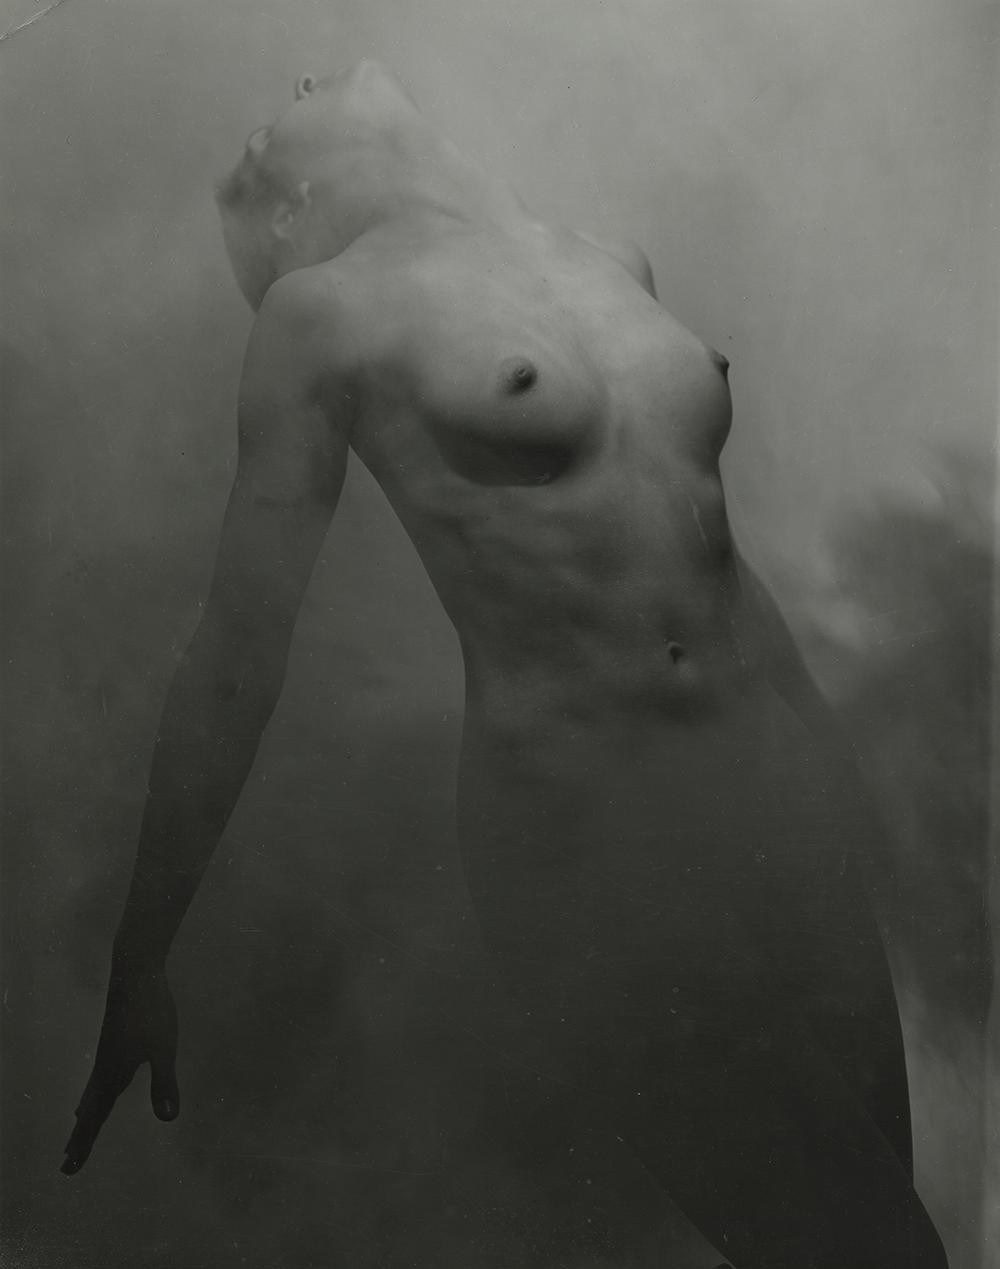 Tedi-Thurman-Nude,-New-York,-1947-1948.png